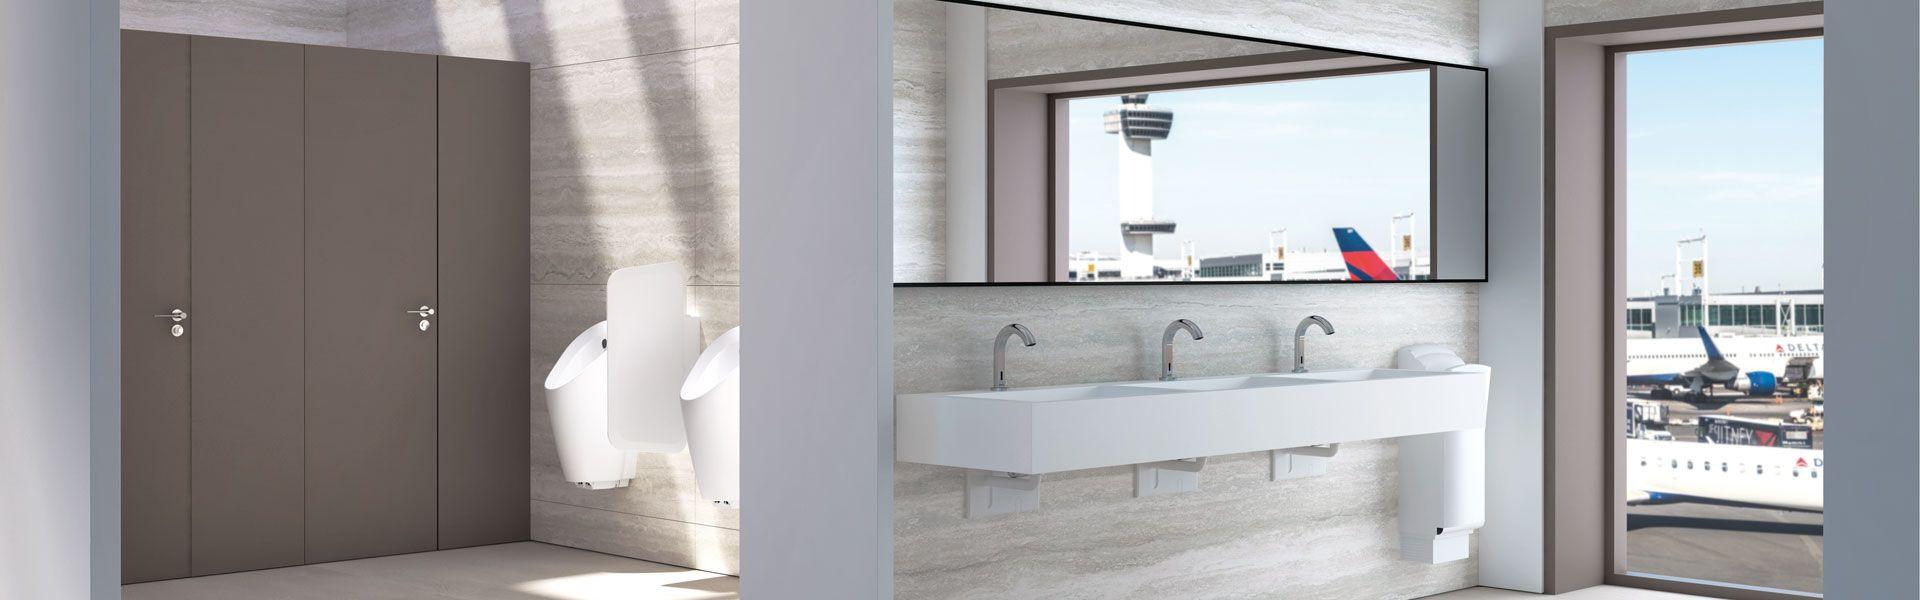 Sanitär - Heizung - Installation   Recklinghausen